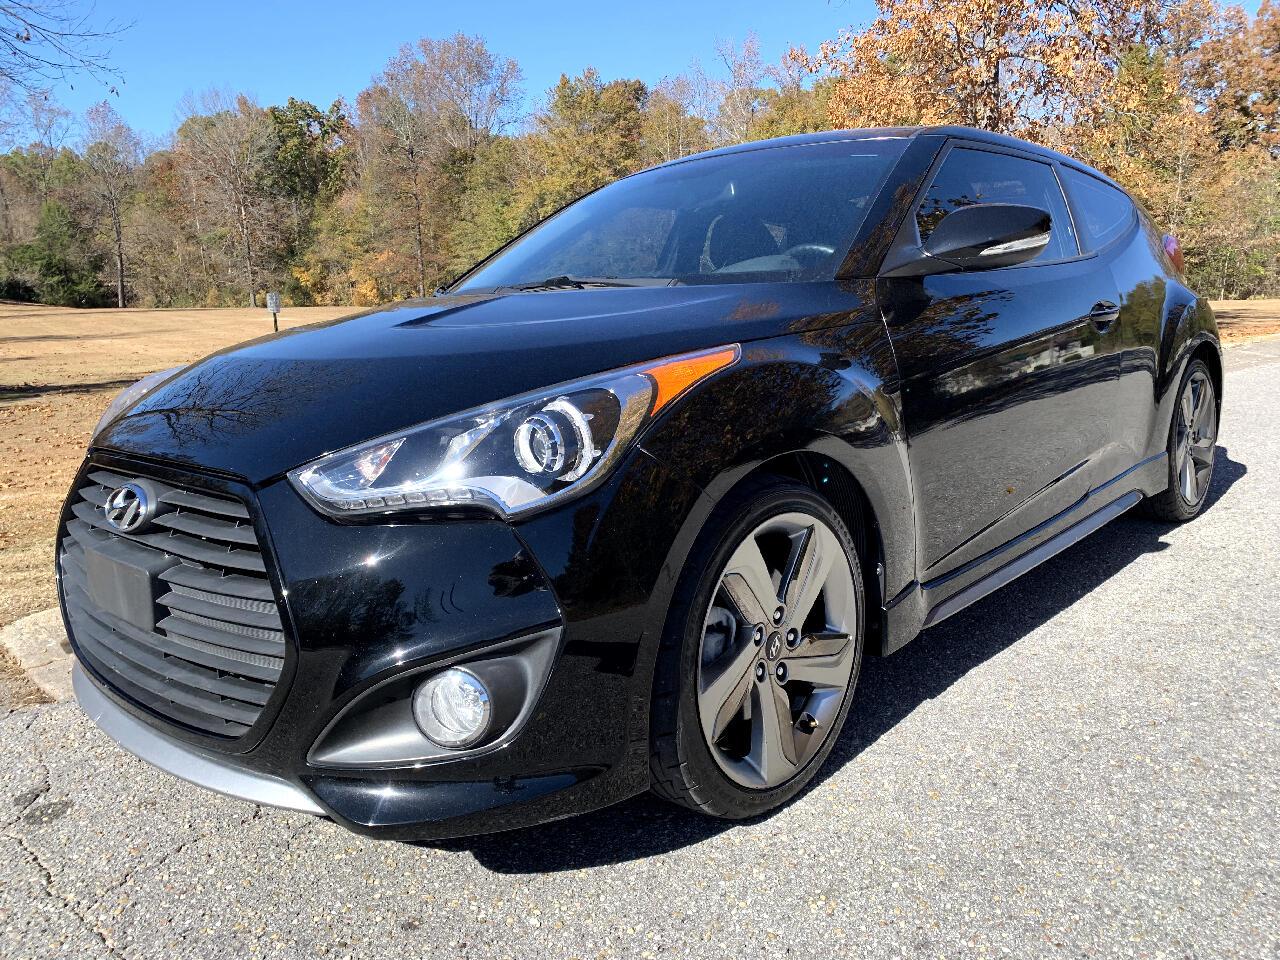 Hyundai Veloster 3dr Cpe Auto Turbo w/Black Int 2013